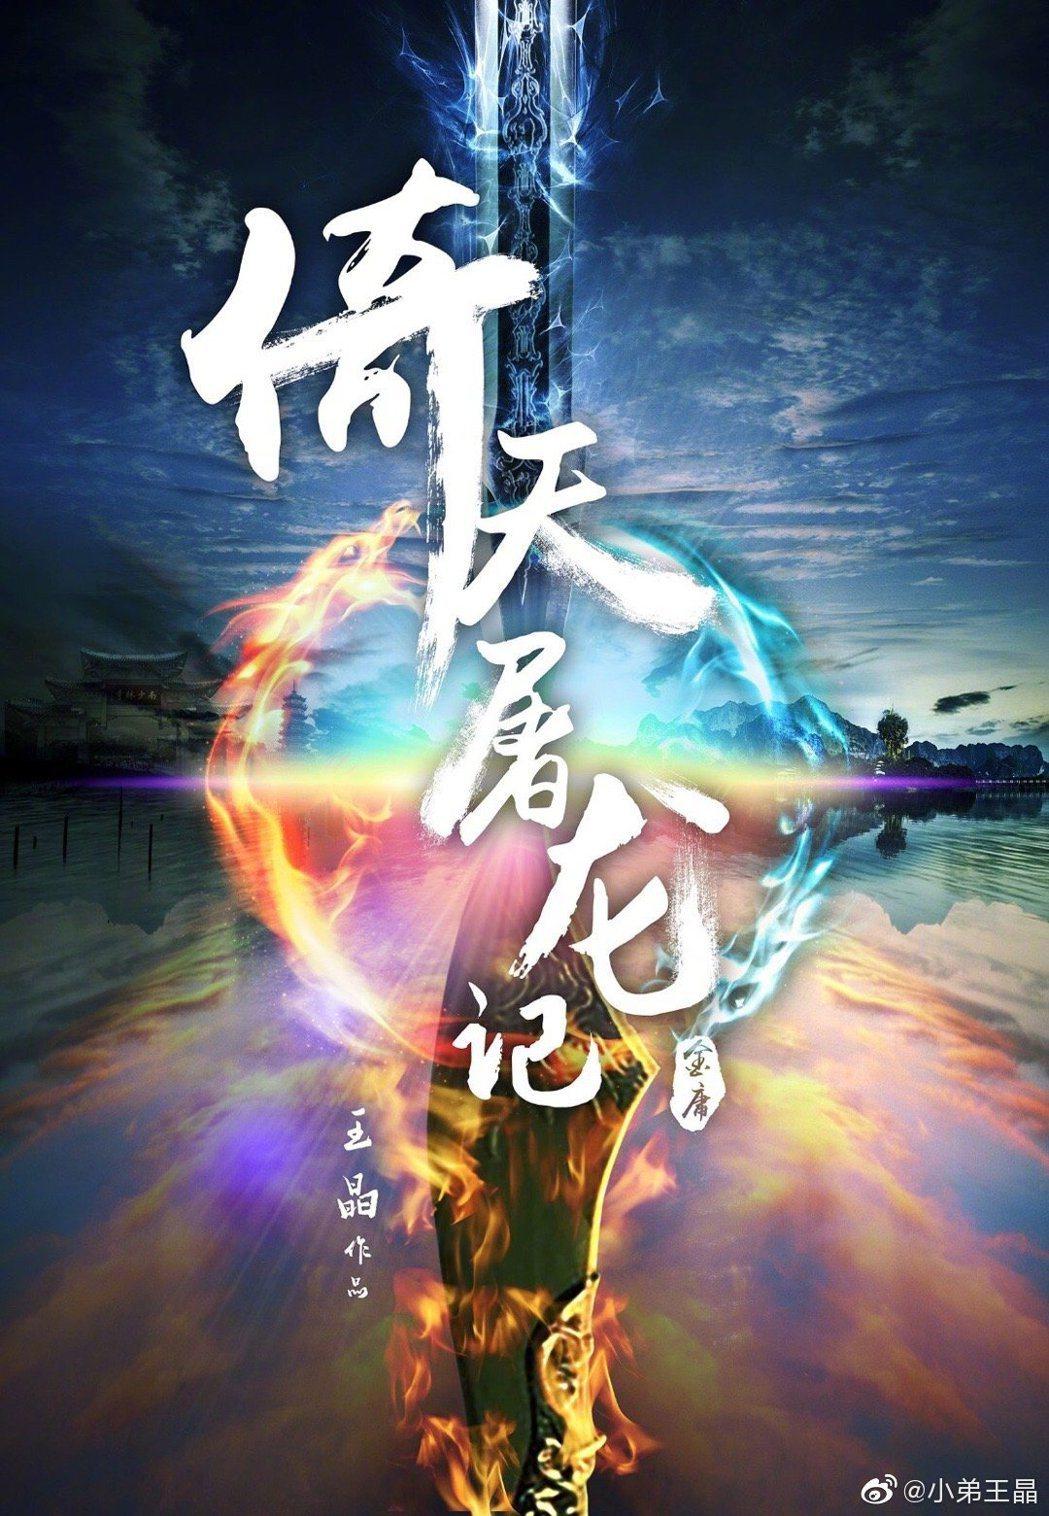 王晶宣告要開拍新「倚天屠龍記」。 圖/擷自王晶微博